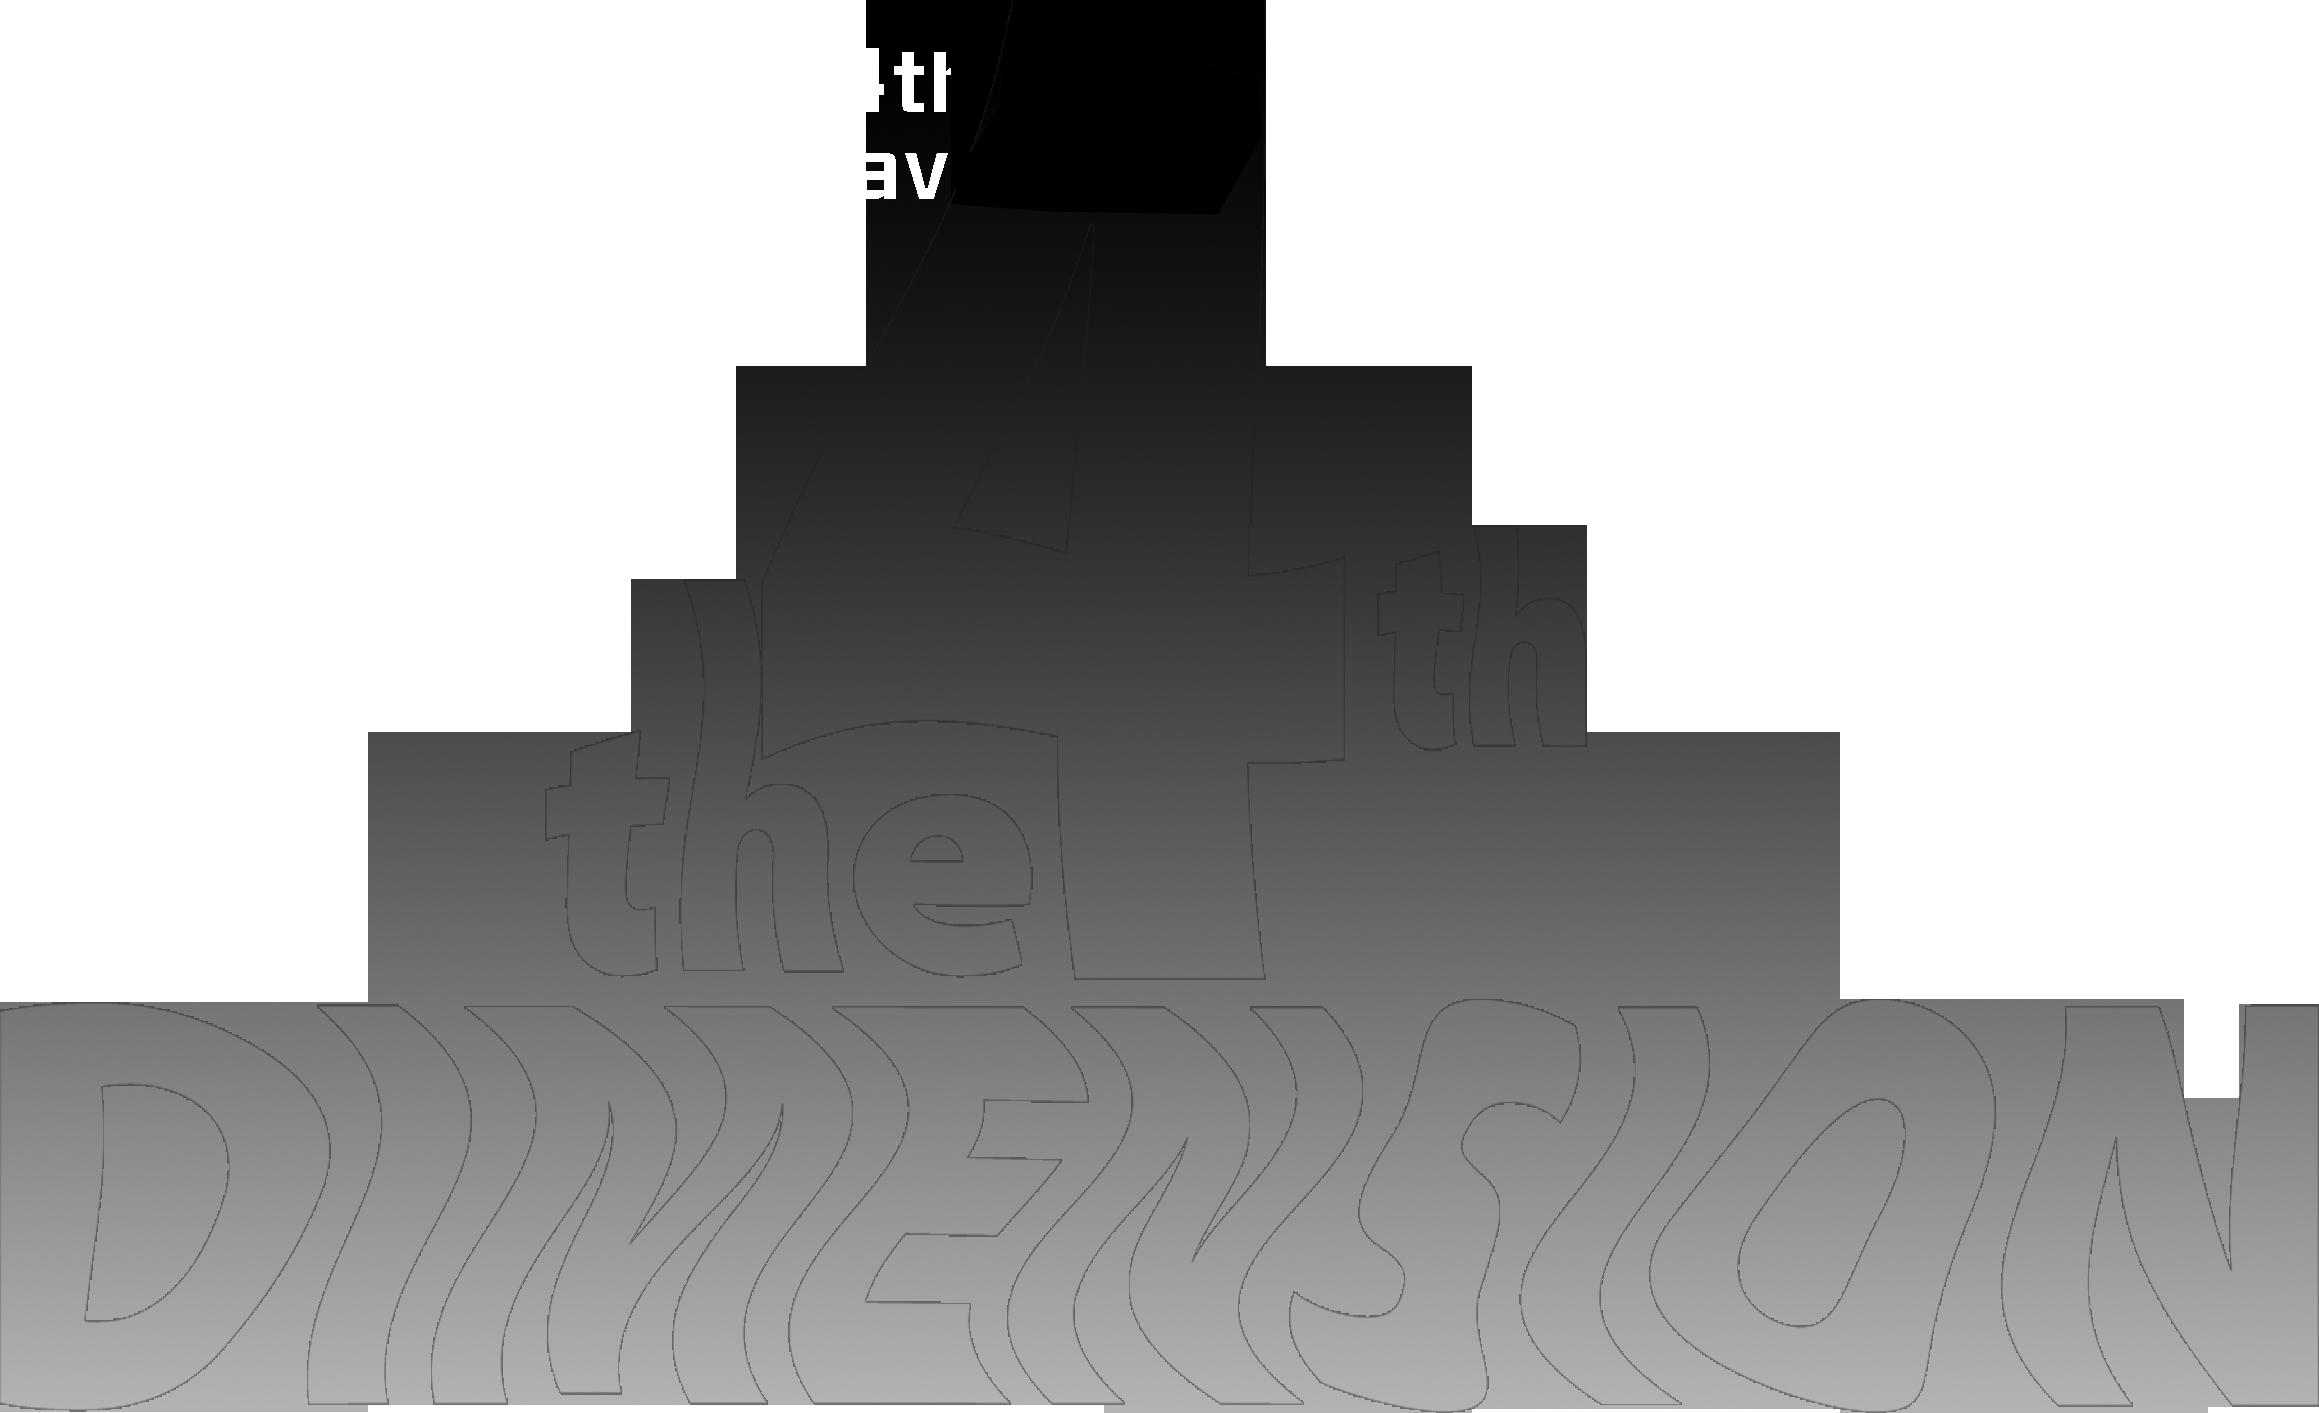 4th-Dimension